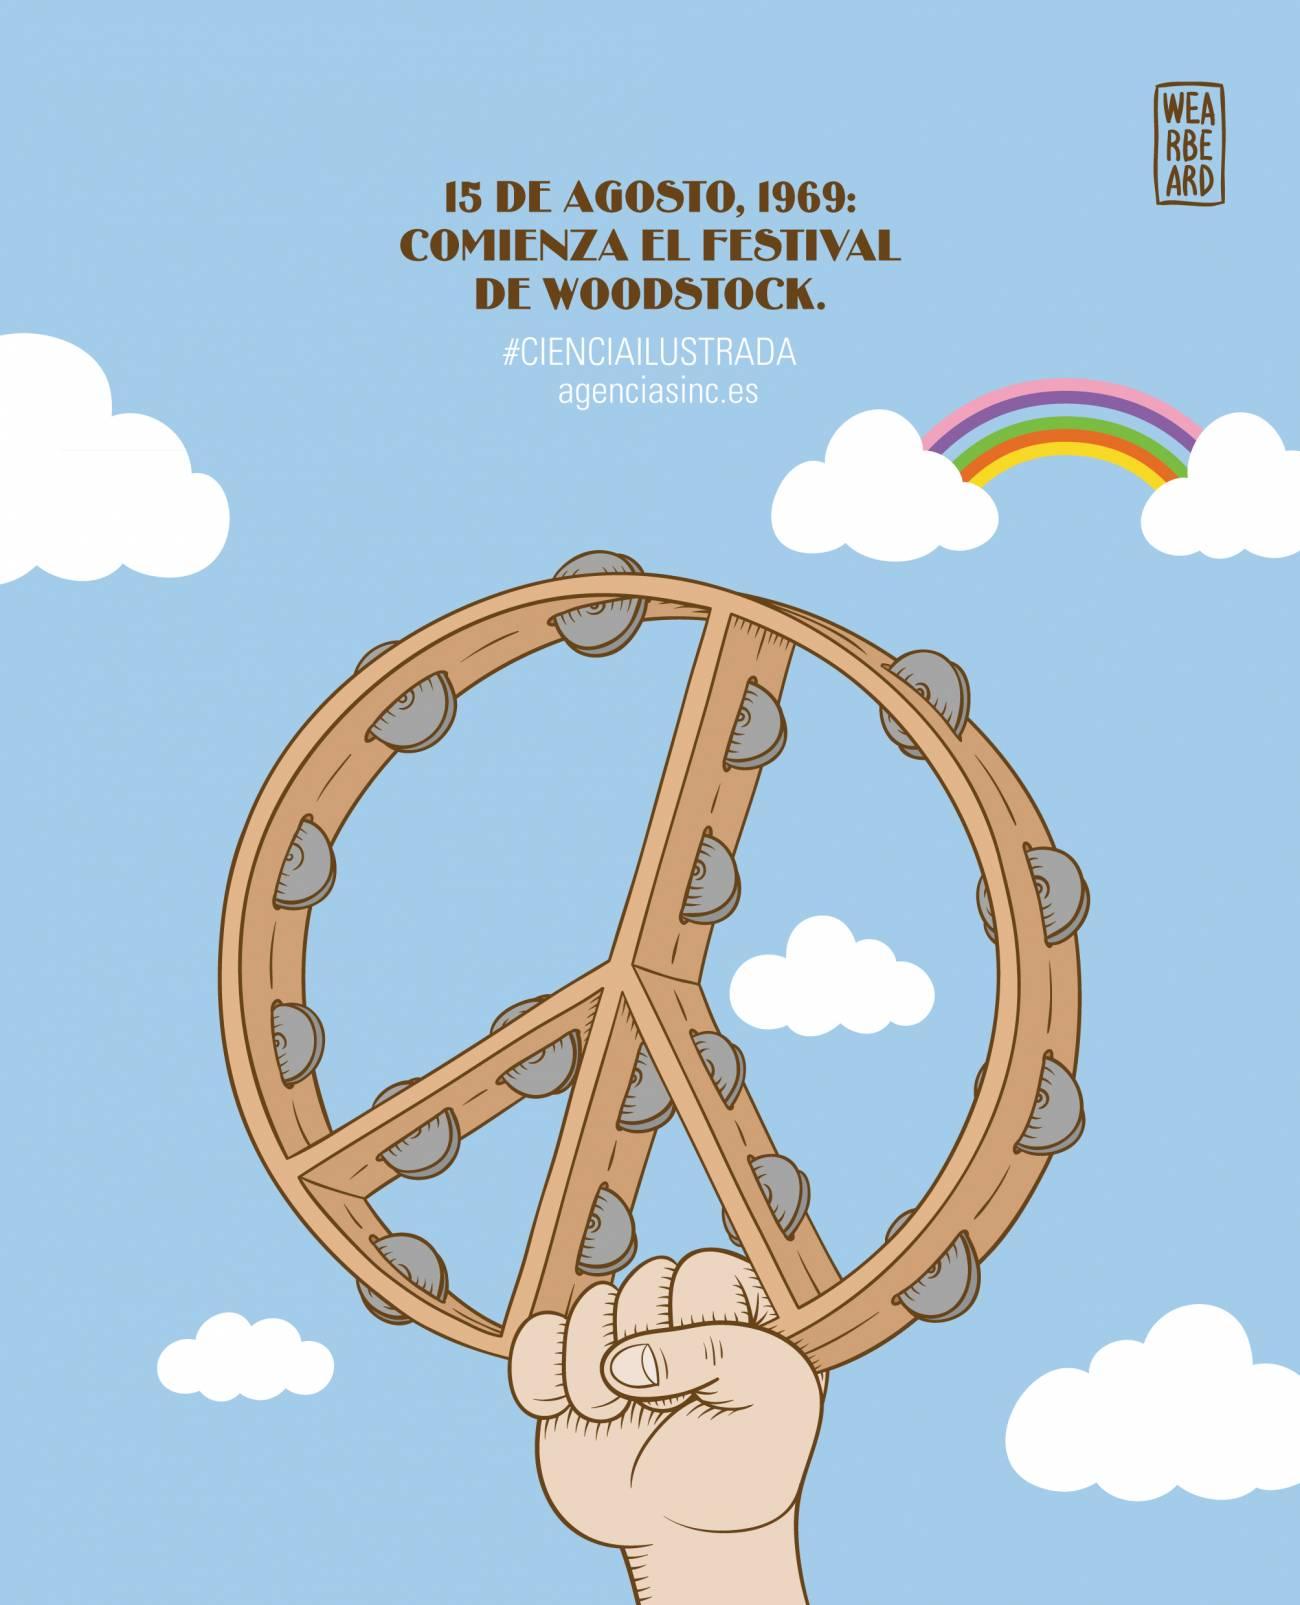 Se cumplen 45 años del festival de Woodstock. / Sinc